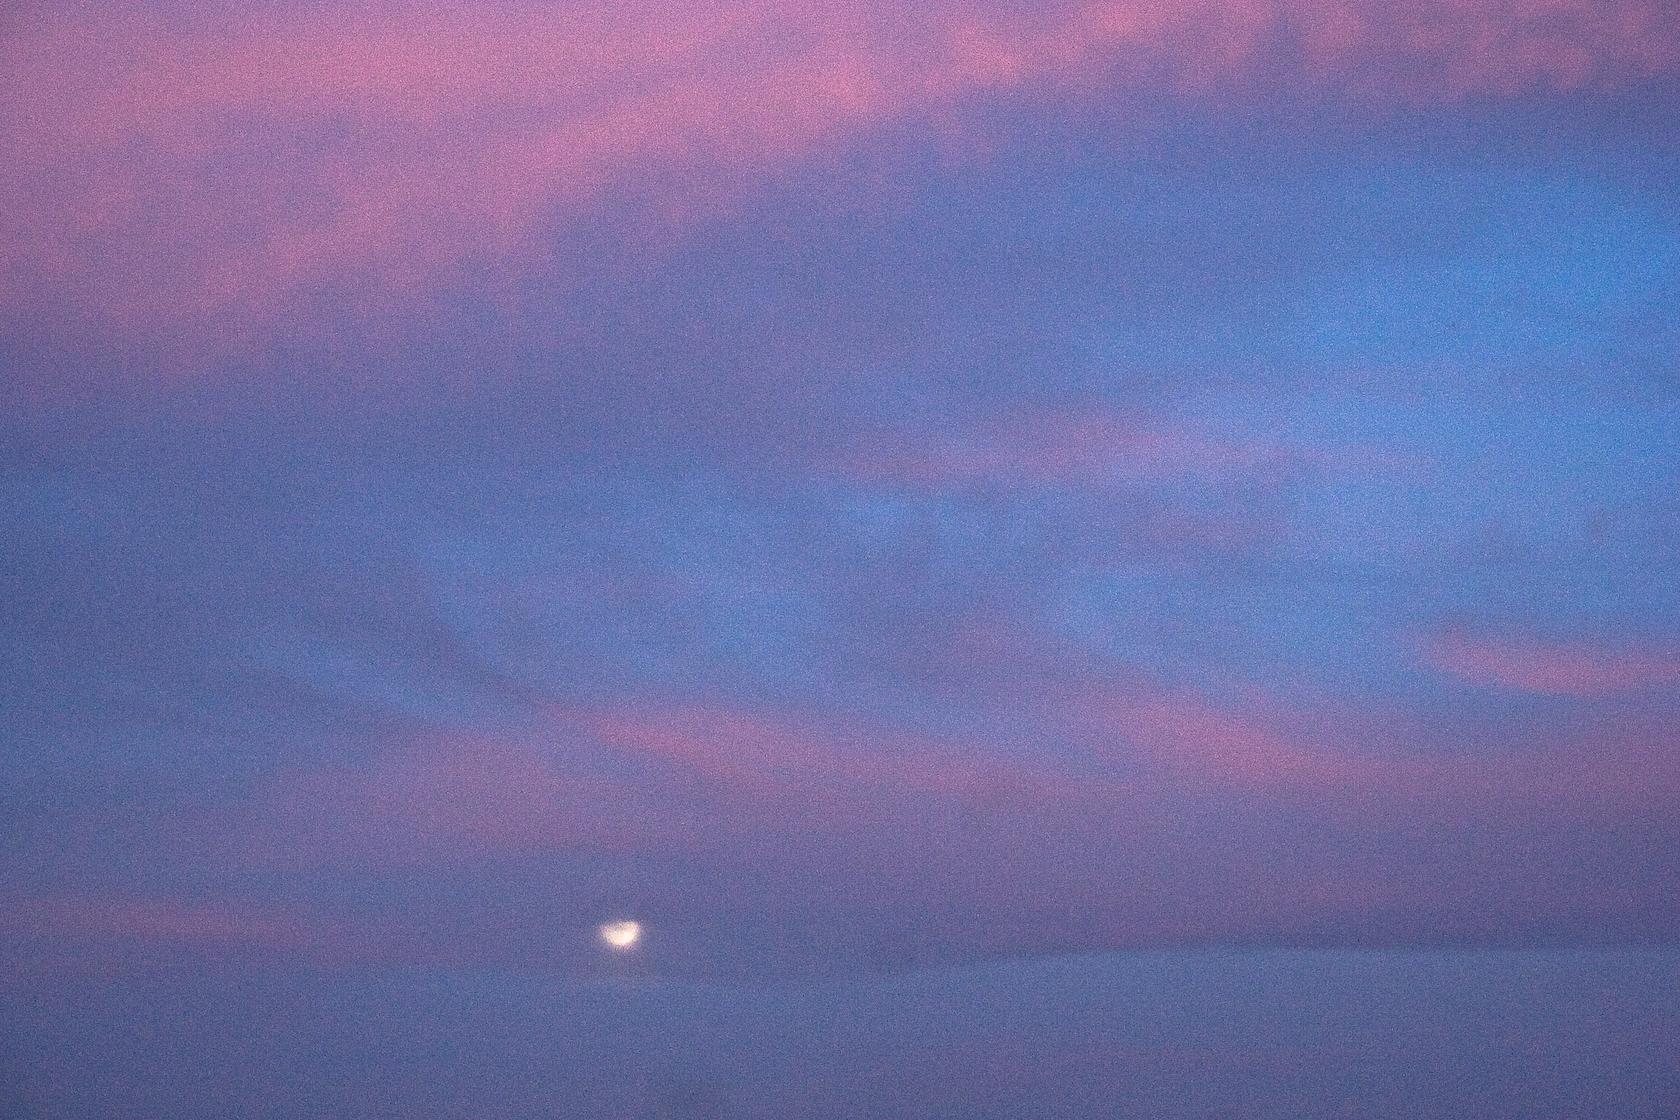 Sunset Glory #4